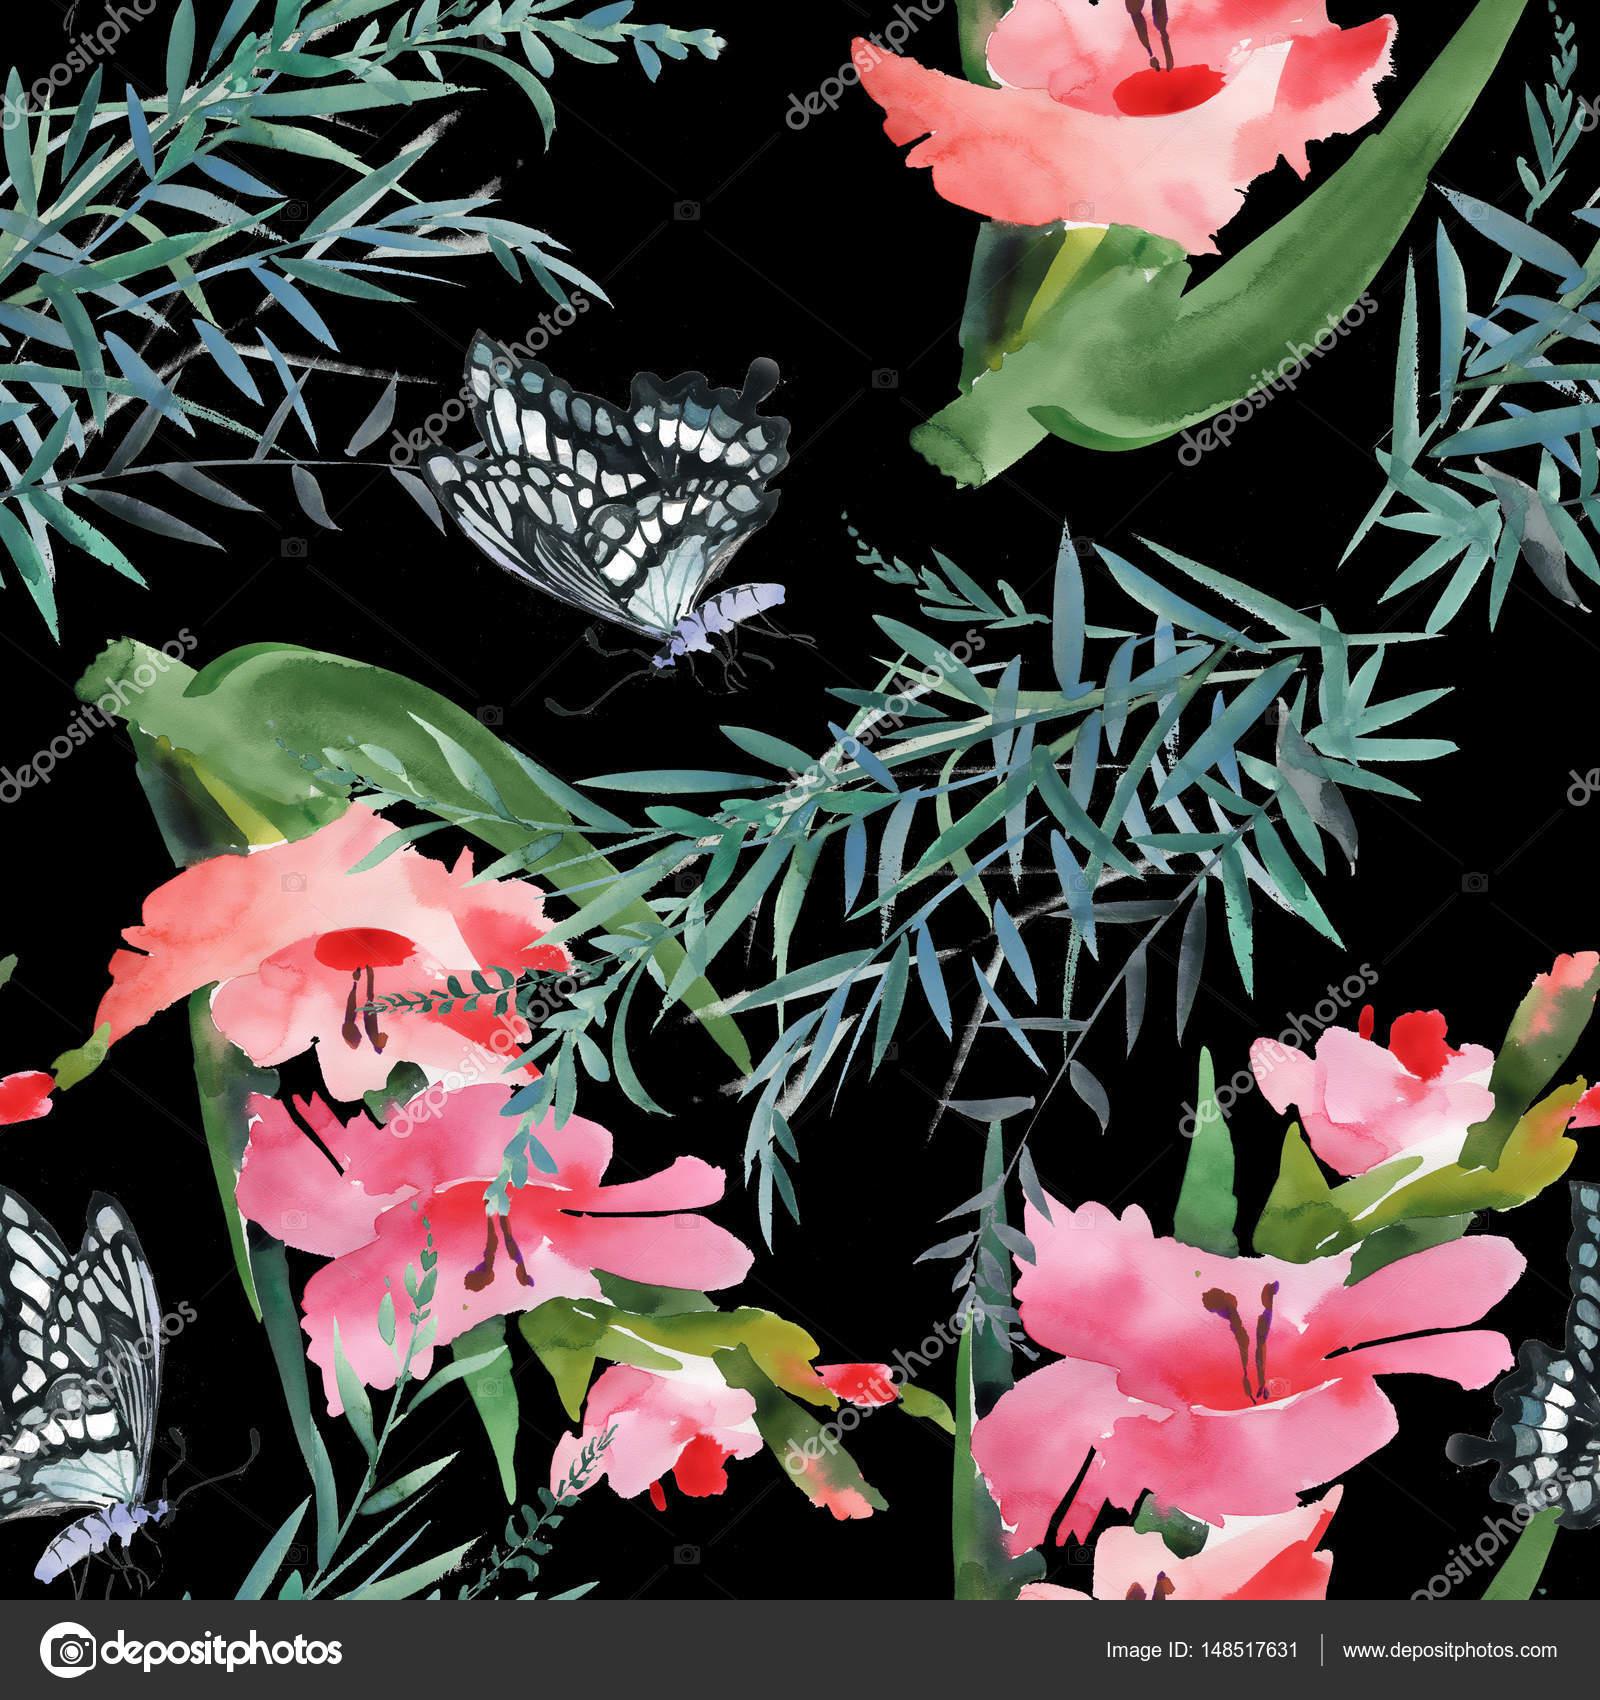 Цветы с бабочками бесшовный фон — Стоковое фото © Kostan ...